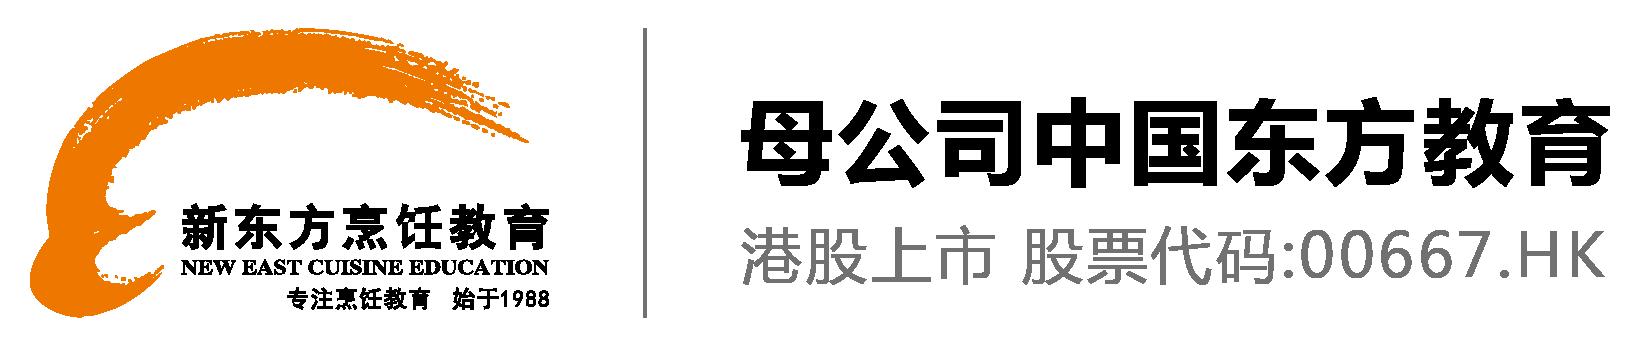 青海新东方烹饪学校